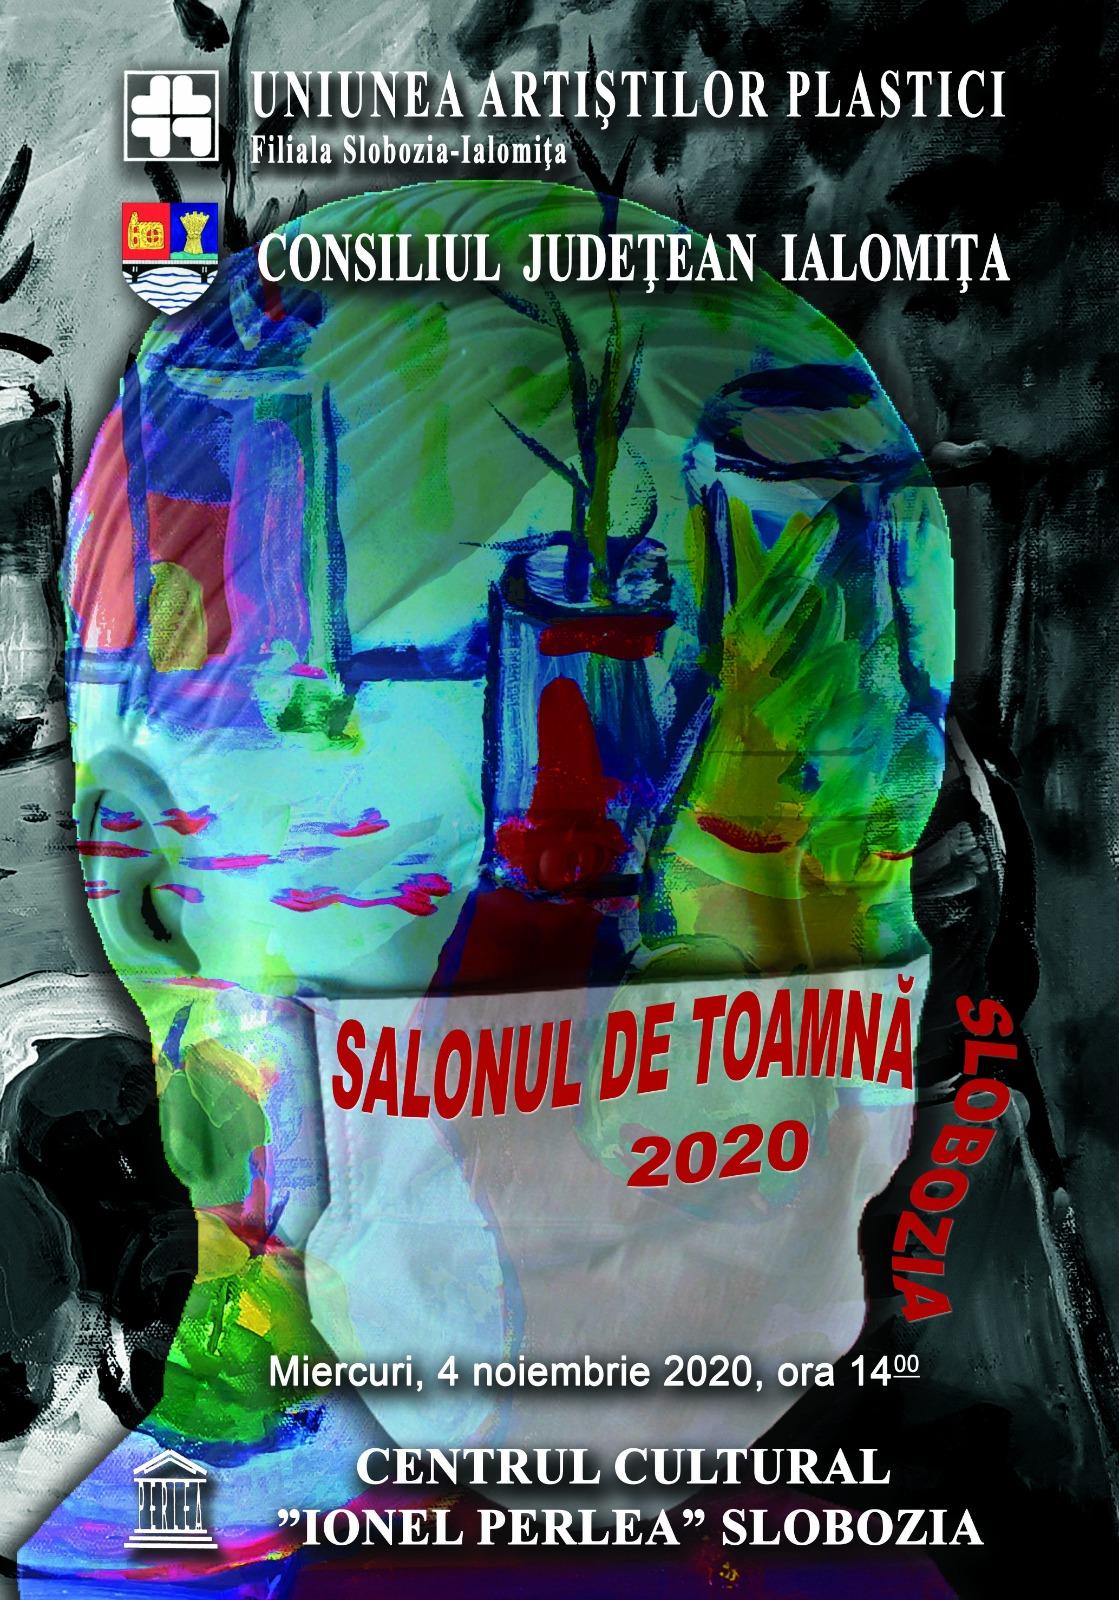 """Expoziţie de pictură – Salonul de toamnă 2020, 4 noiembrie 2020, ora 14:00, Galeriile Arcadia, Centrul Cultural ,,Ionel Perlea"""""""